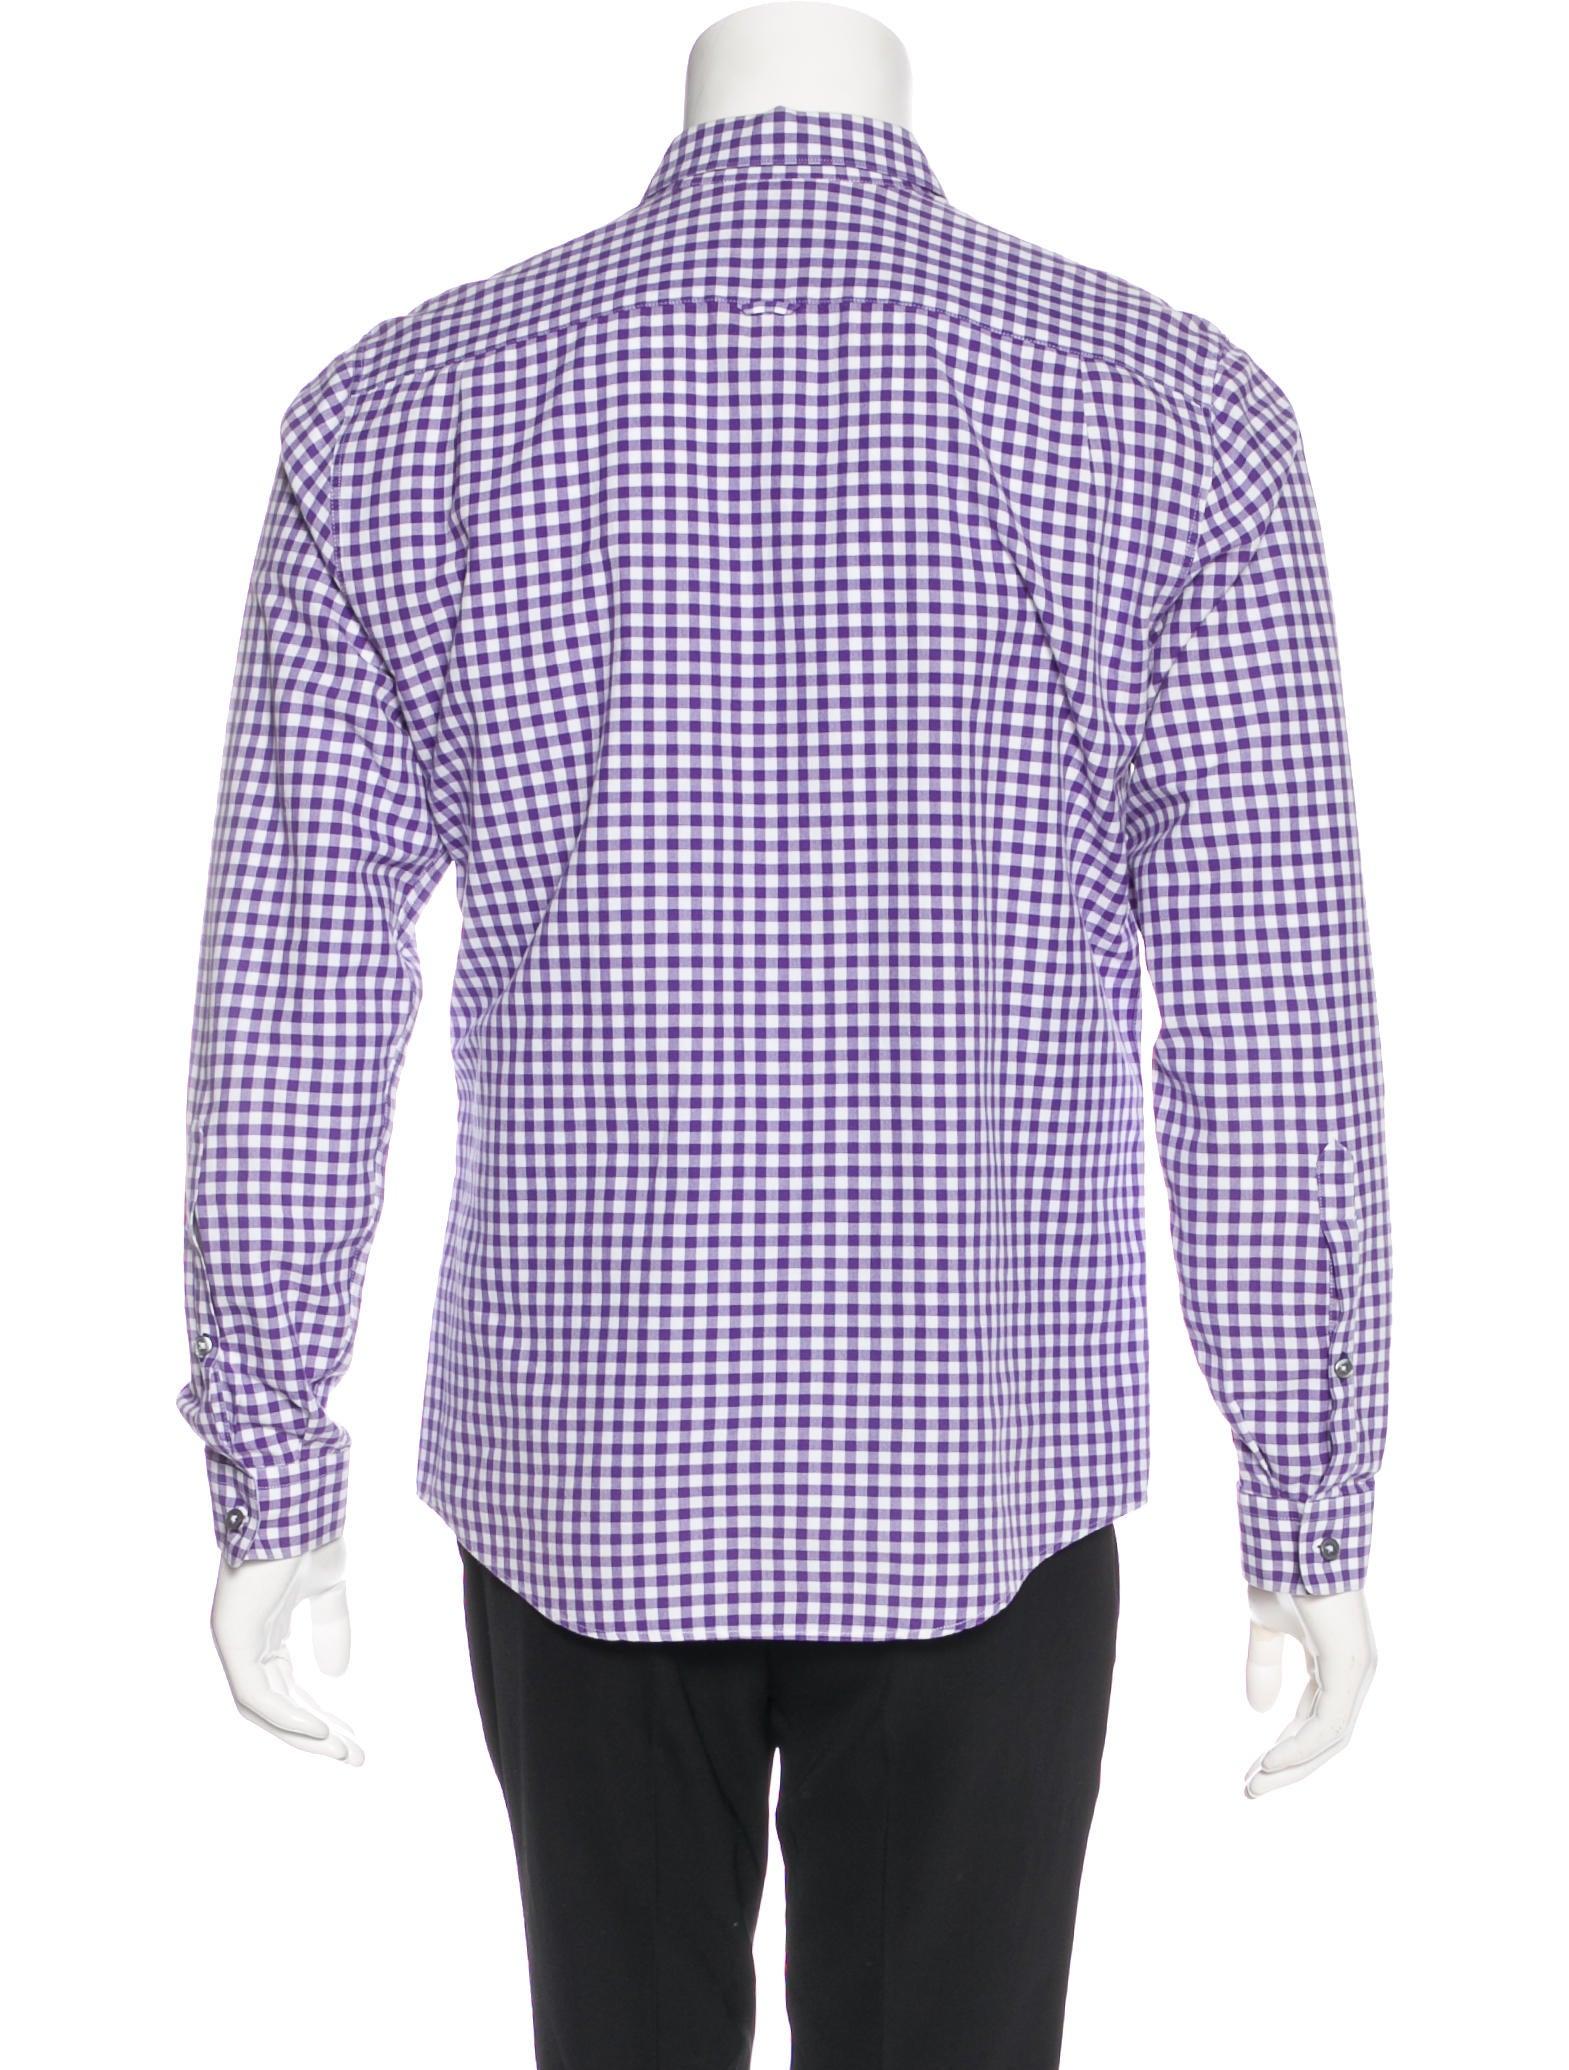 Paul smith gingham dress shirt clothing wps24285 the for Gingham dress shirt men